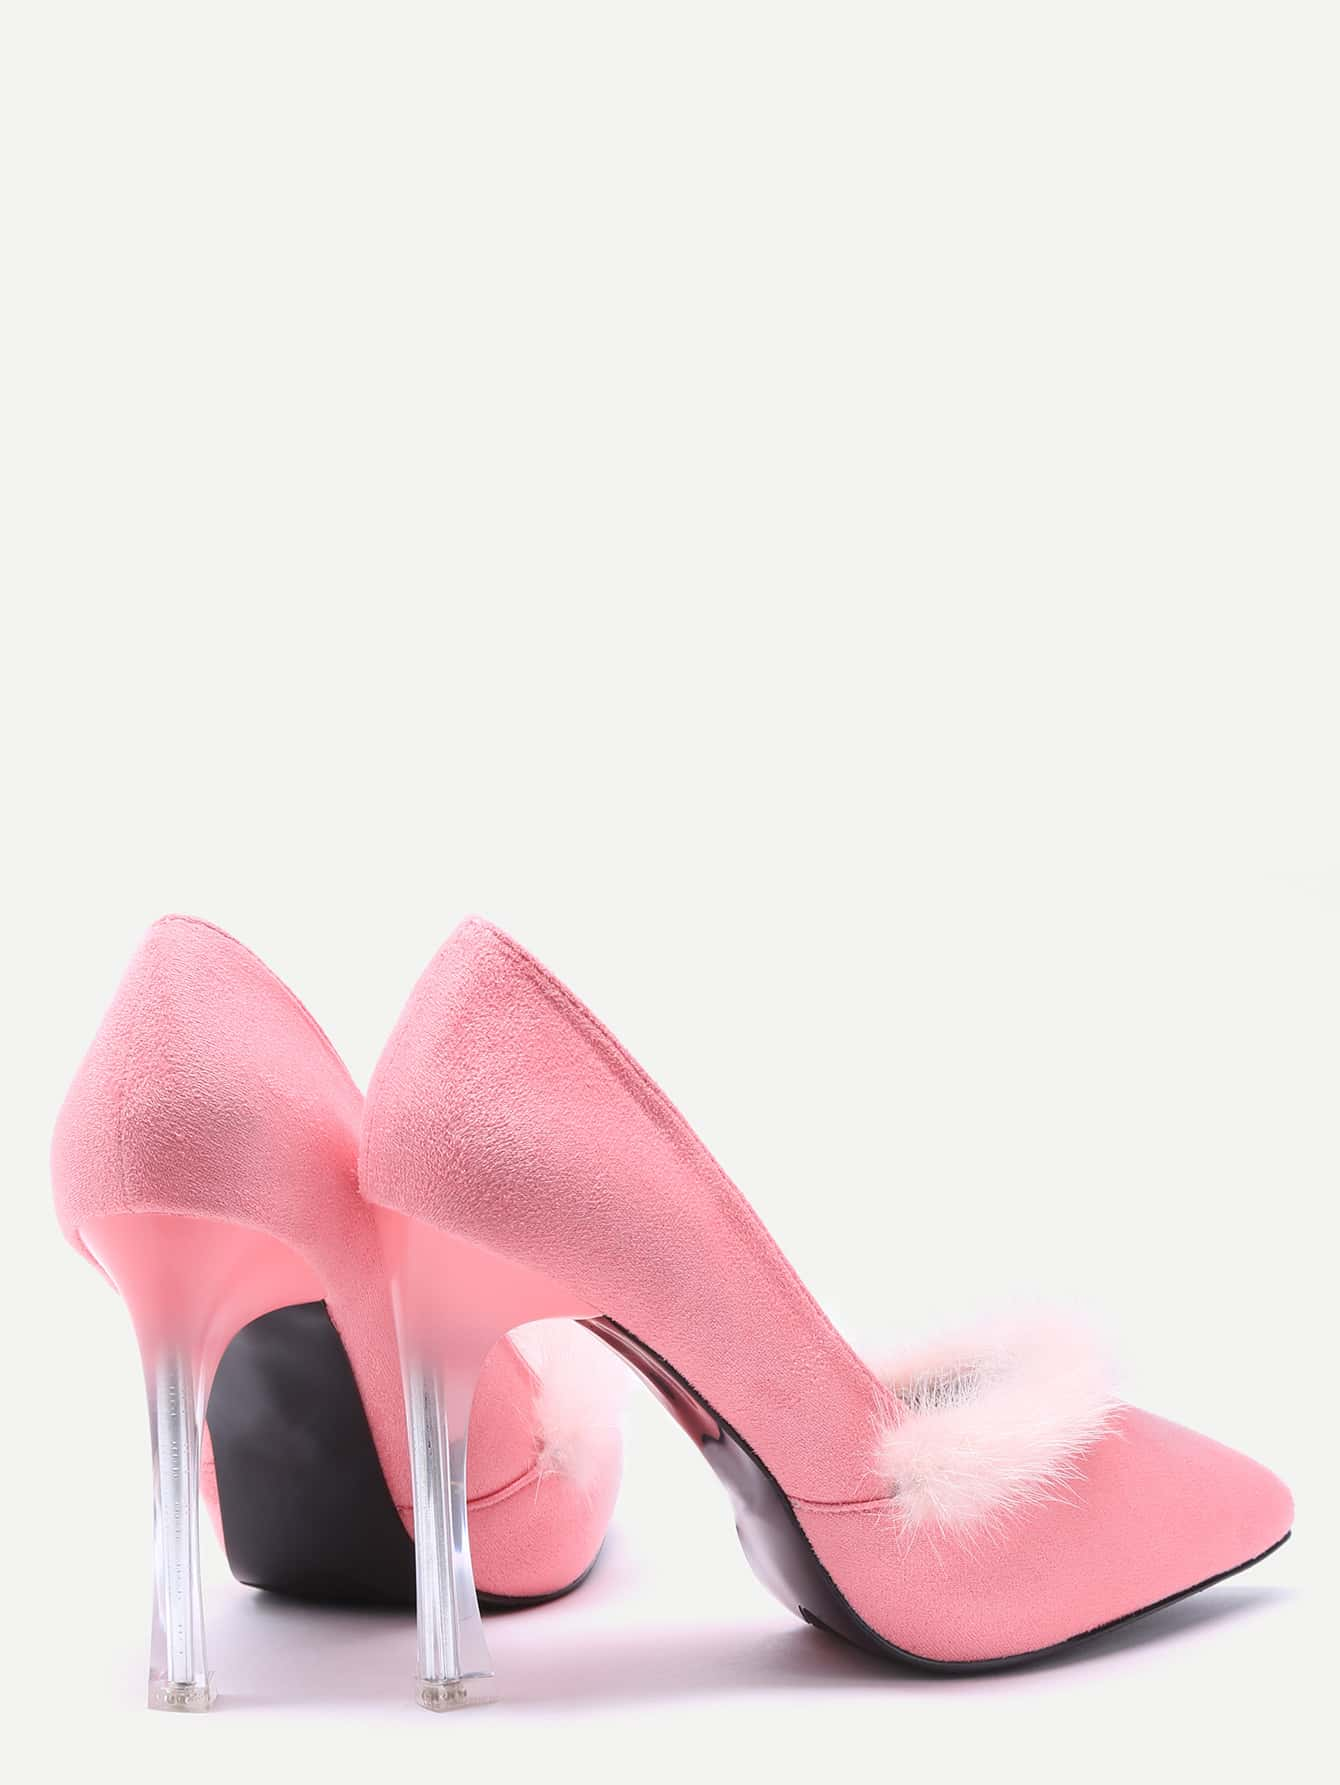 shoes161207809_2